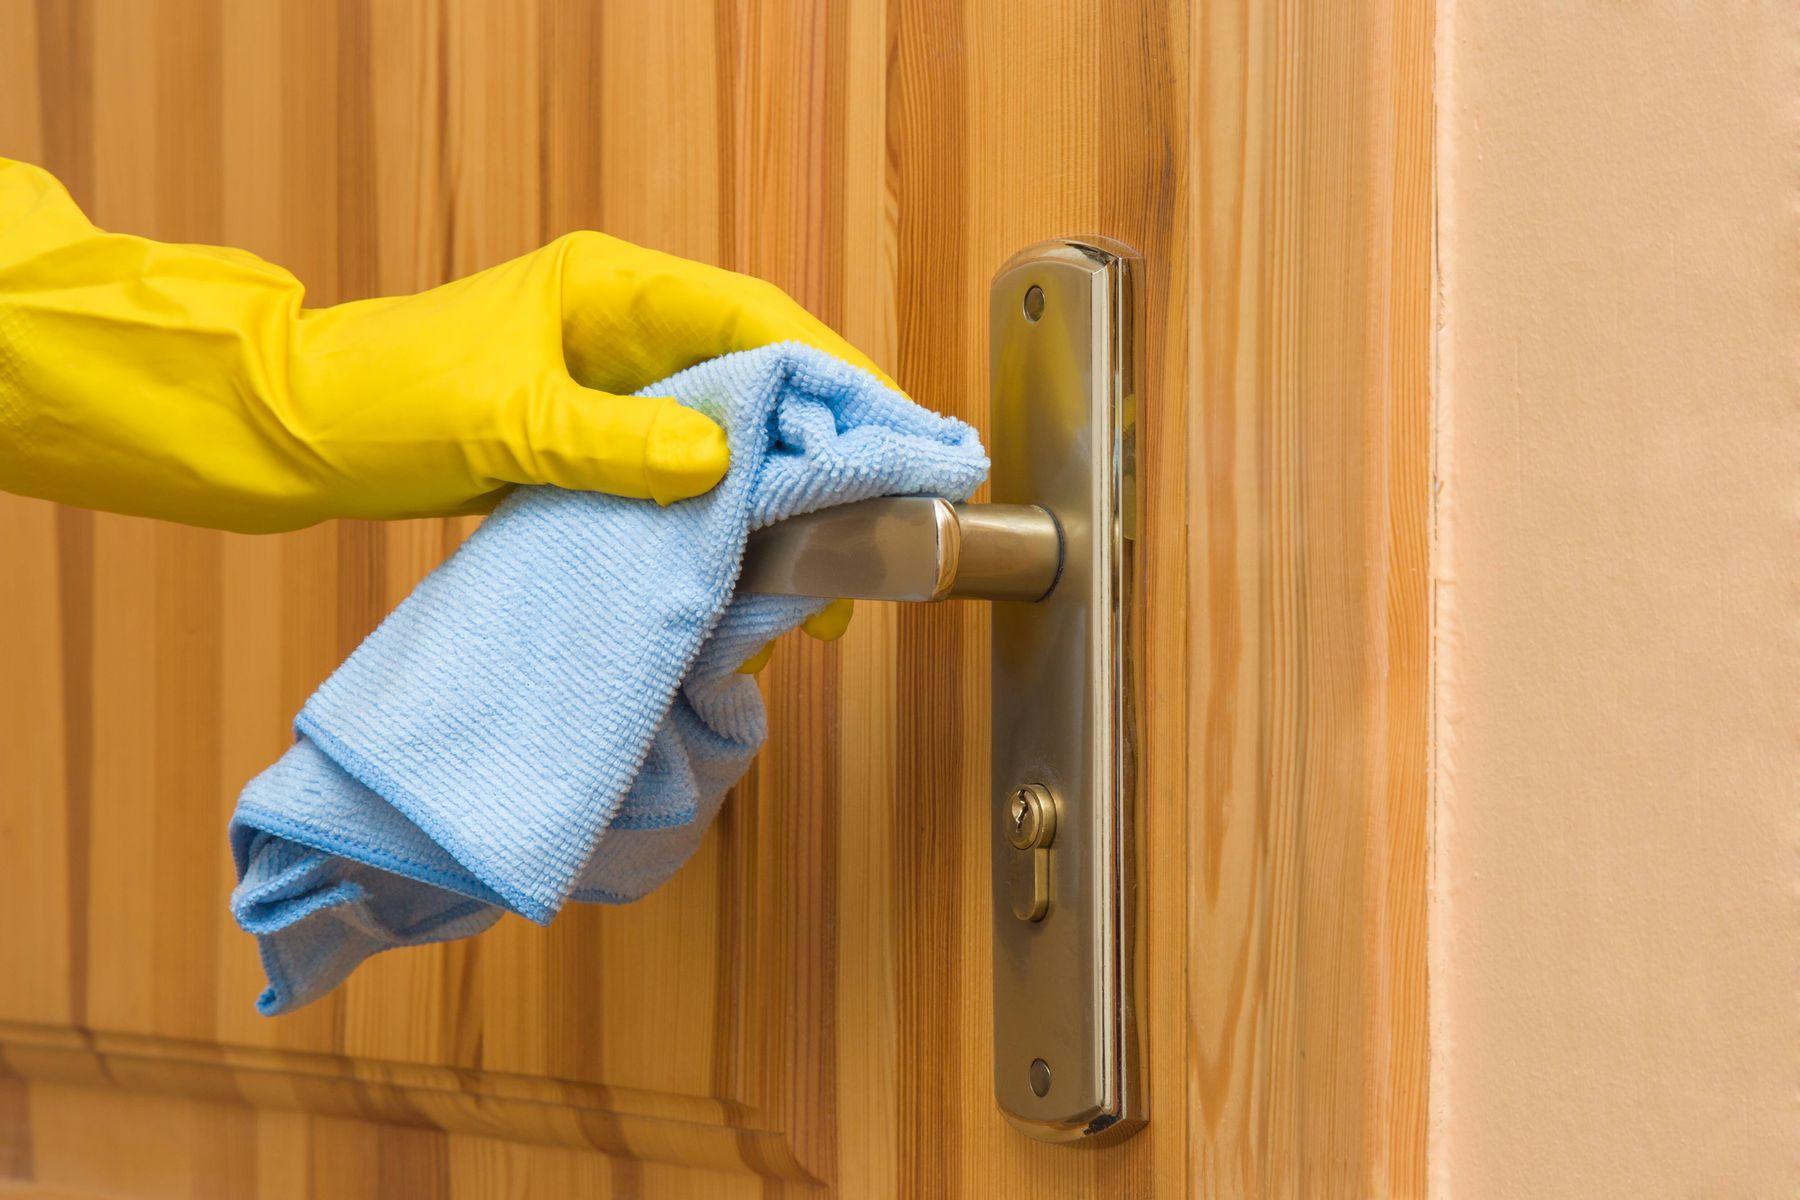 Yüzeyler ve Kapı Kolları Nasıl Dezenfekte Edilir?